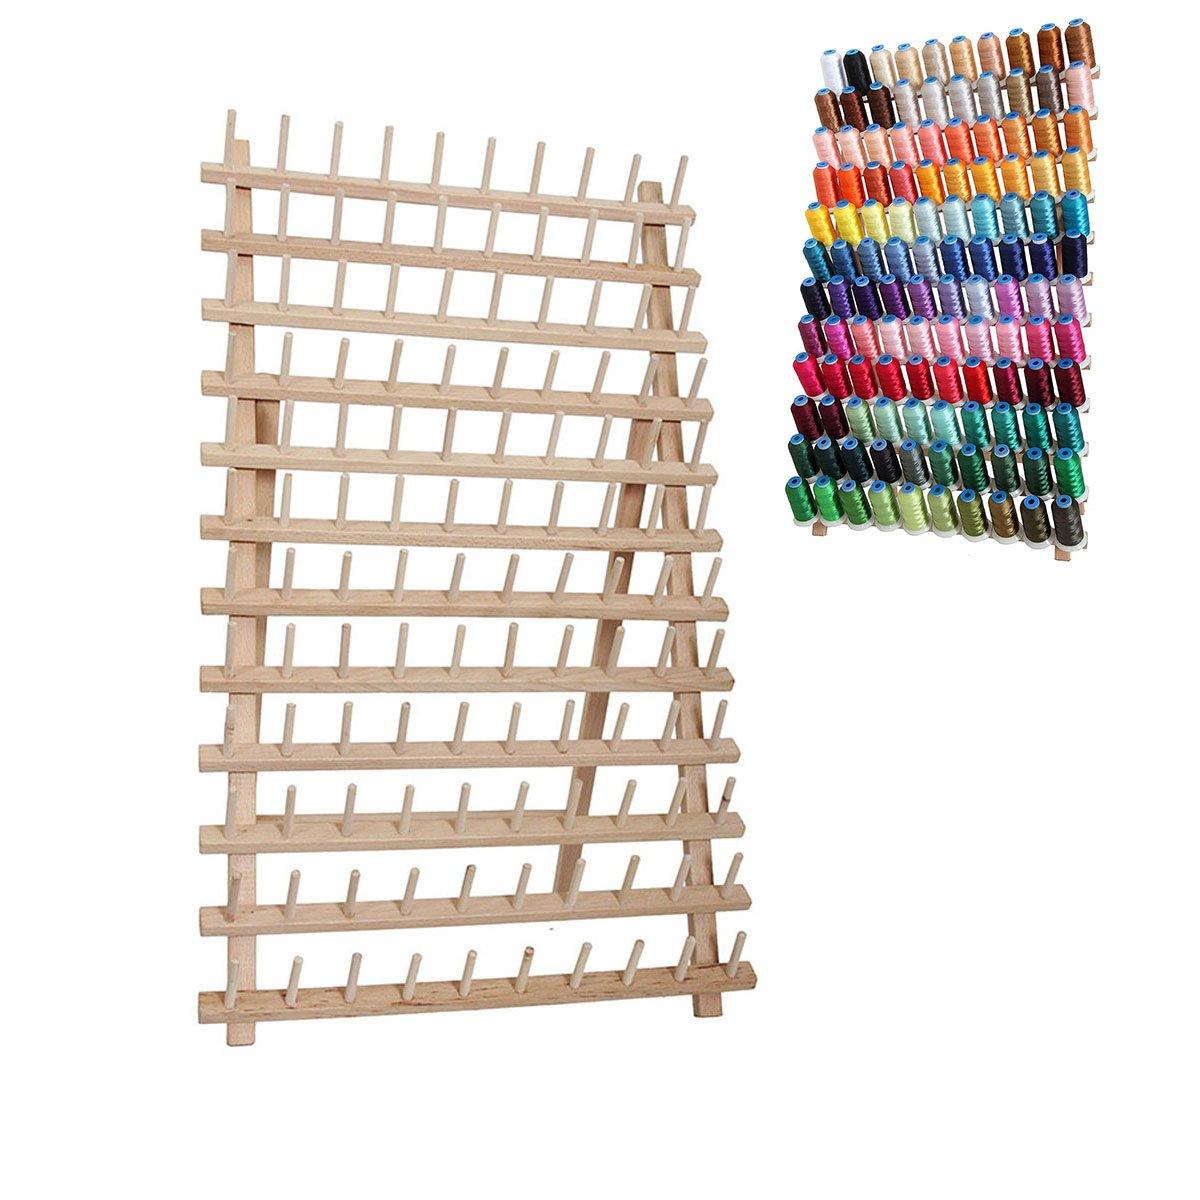 ULTNICE Supporto filettato rack in legno 120 Dispositivo di supporto per spool Supporto a parete pieghevole